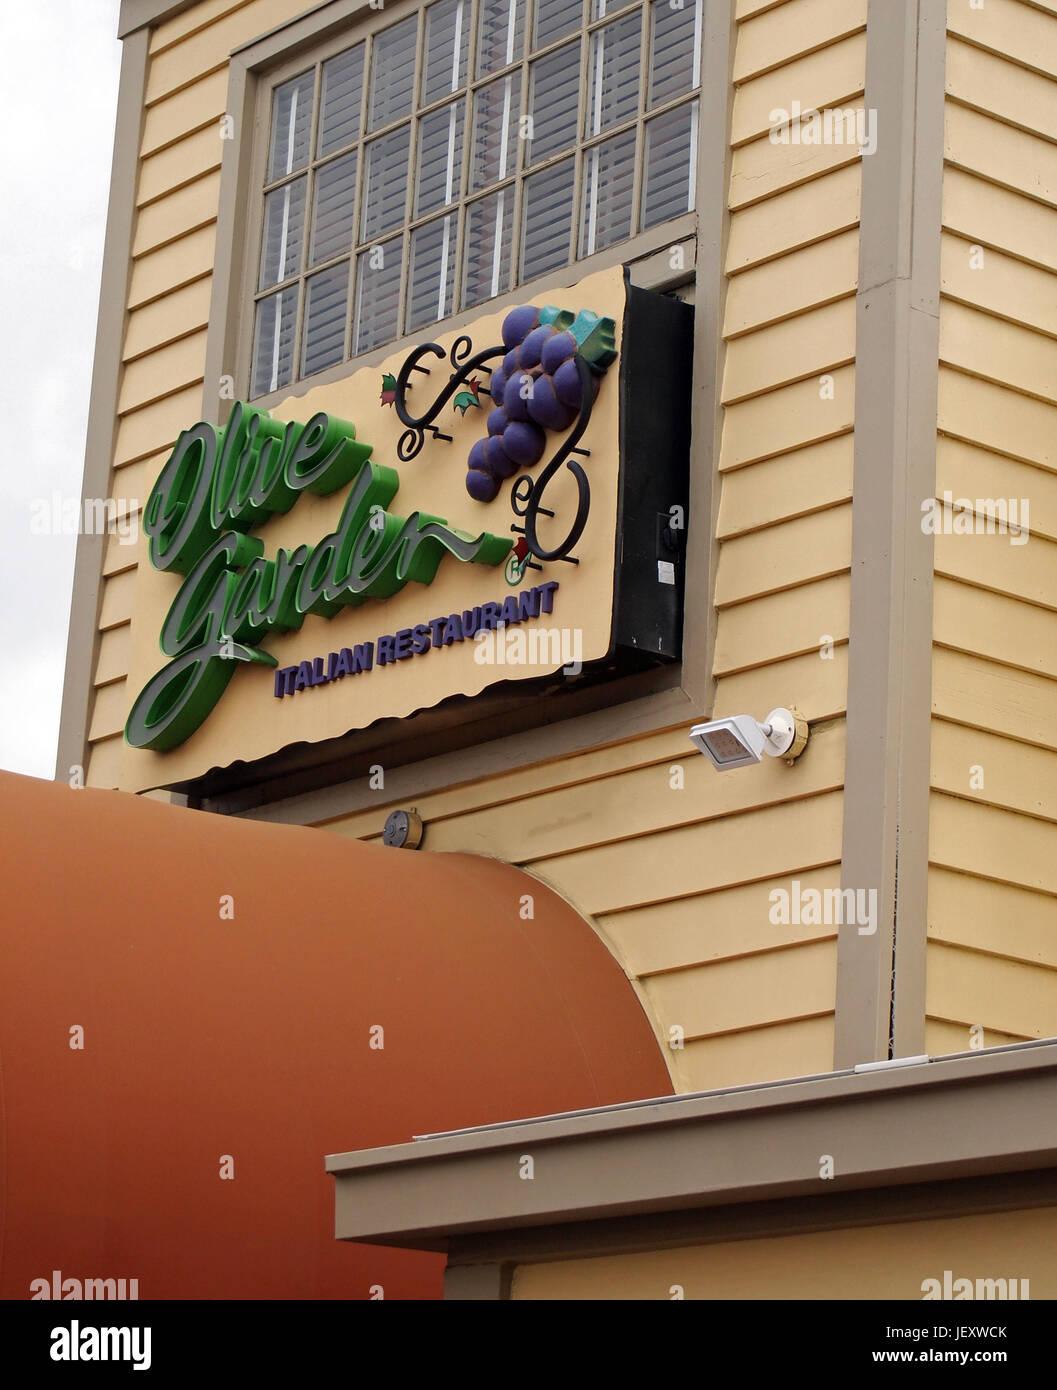 Olive Garden Restaurants Imágenes De Stock & Olive Garden ...